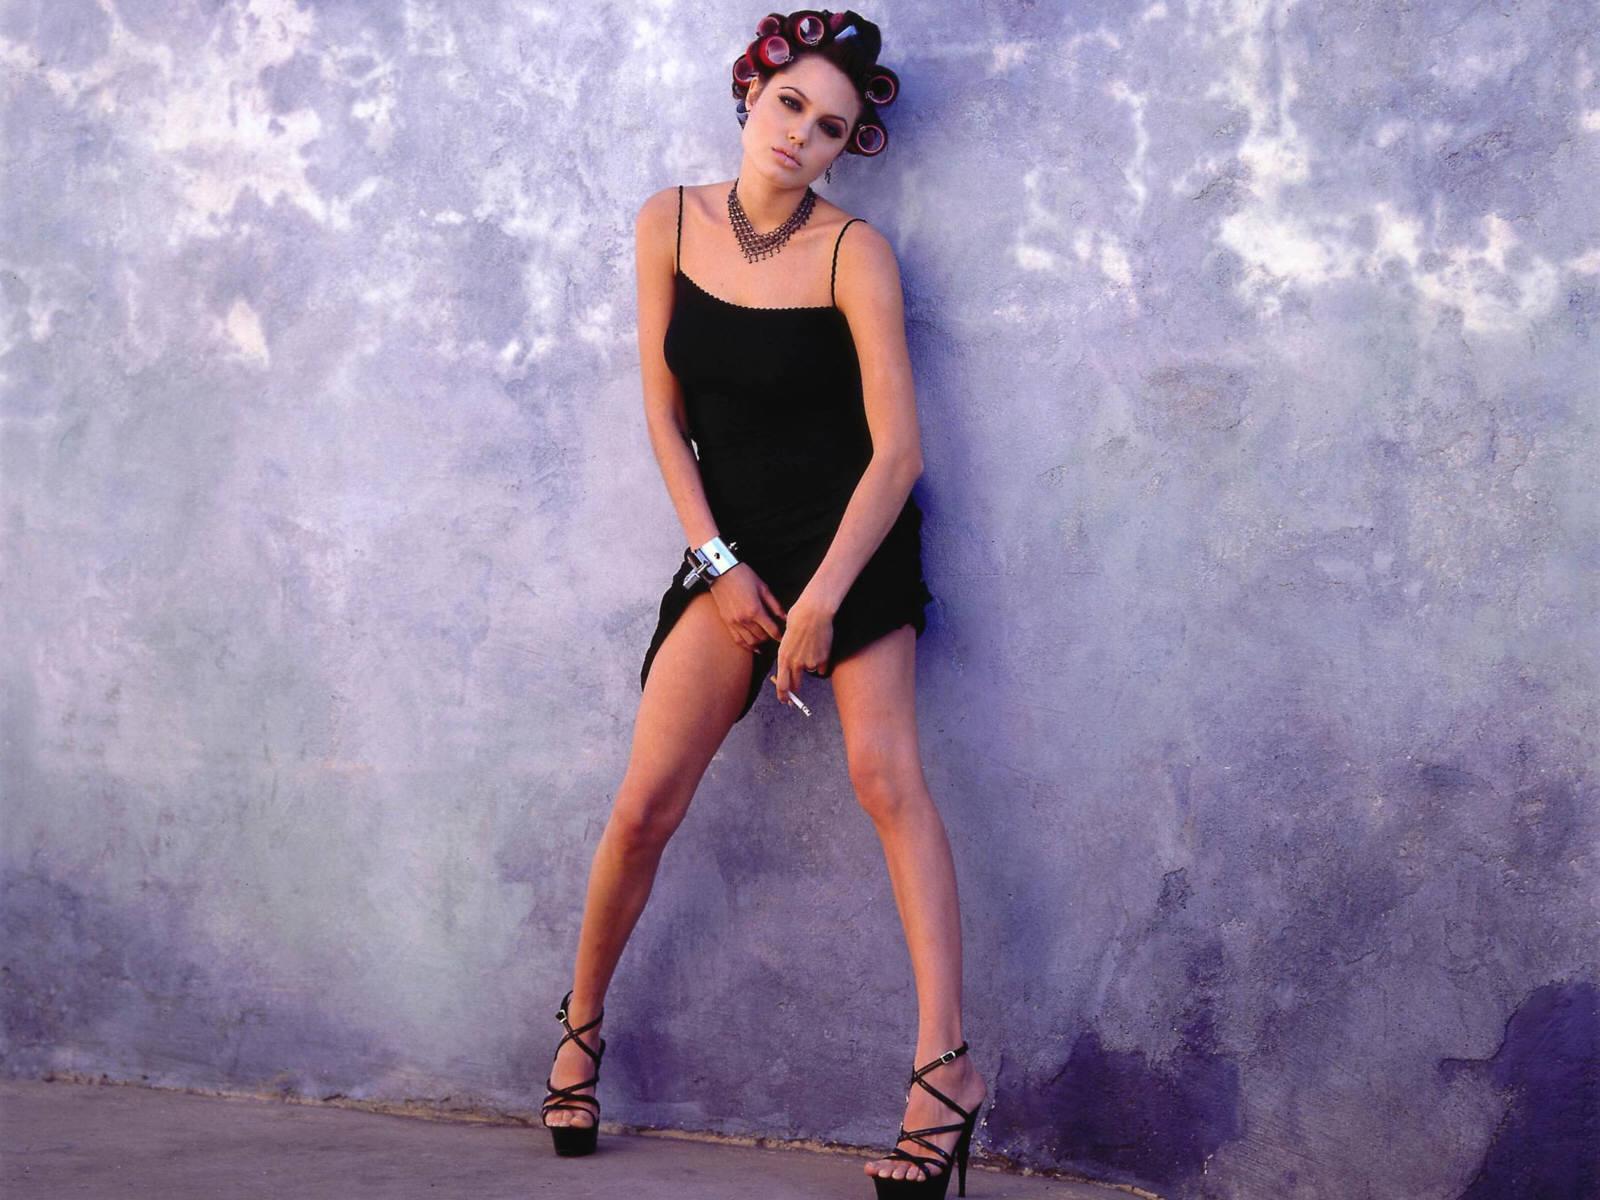 Секси девушка на каблуках 17 фотография